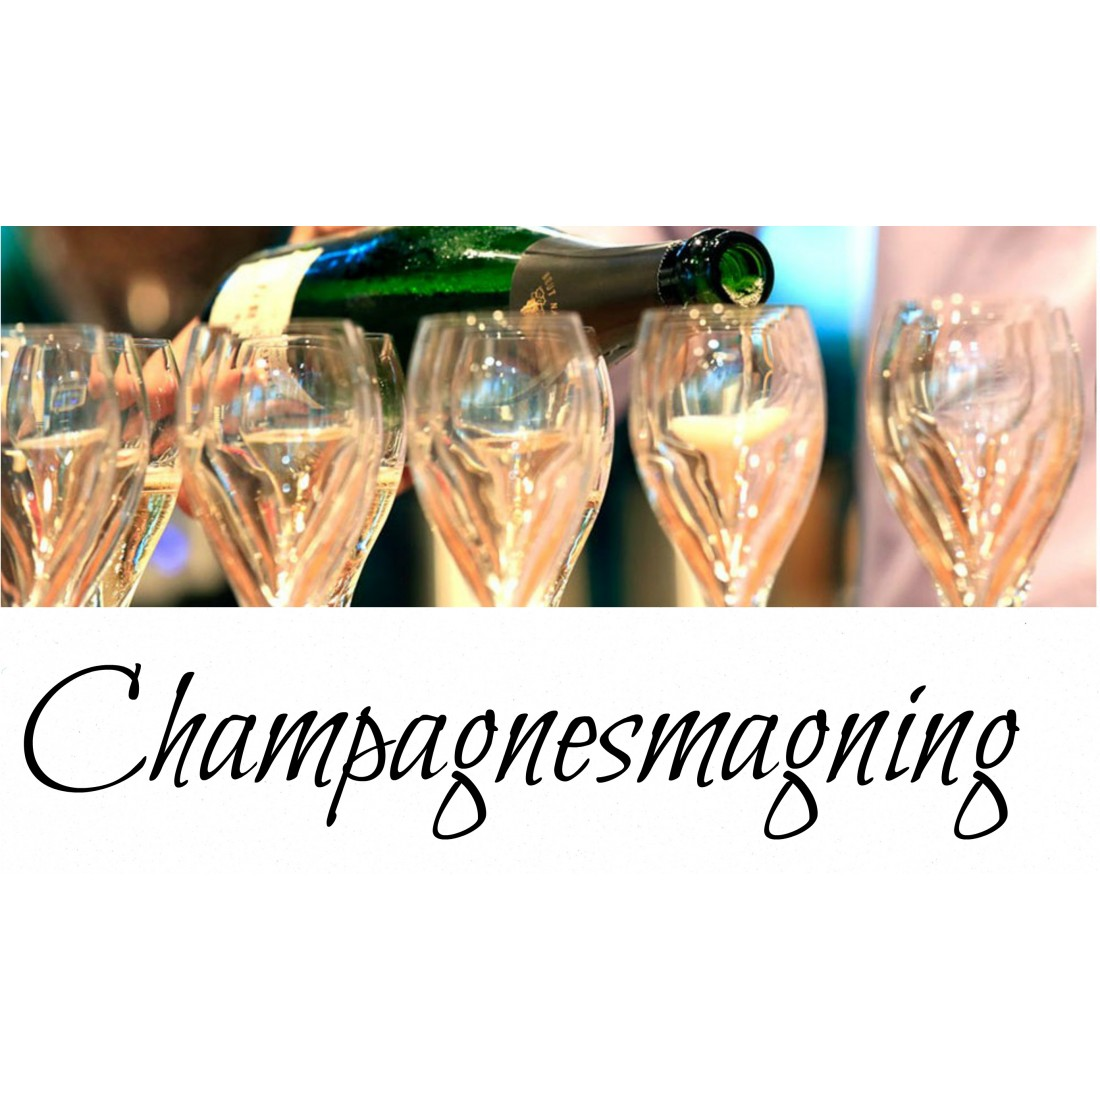 Pinot Noir Champagnesmagning lørdag den 12 december kl. 19.00 I ChampagneKælderen-31